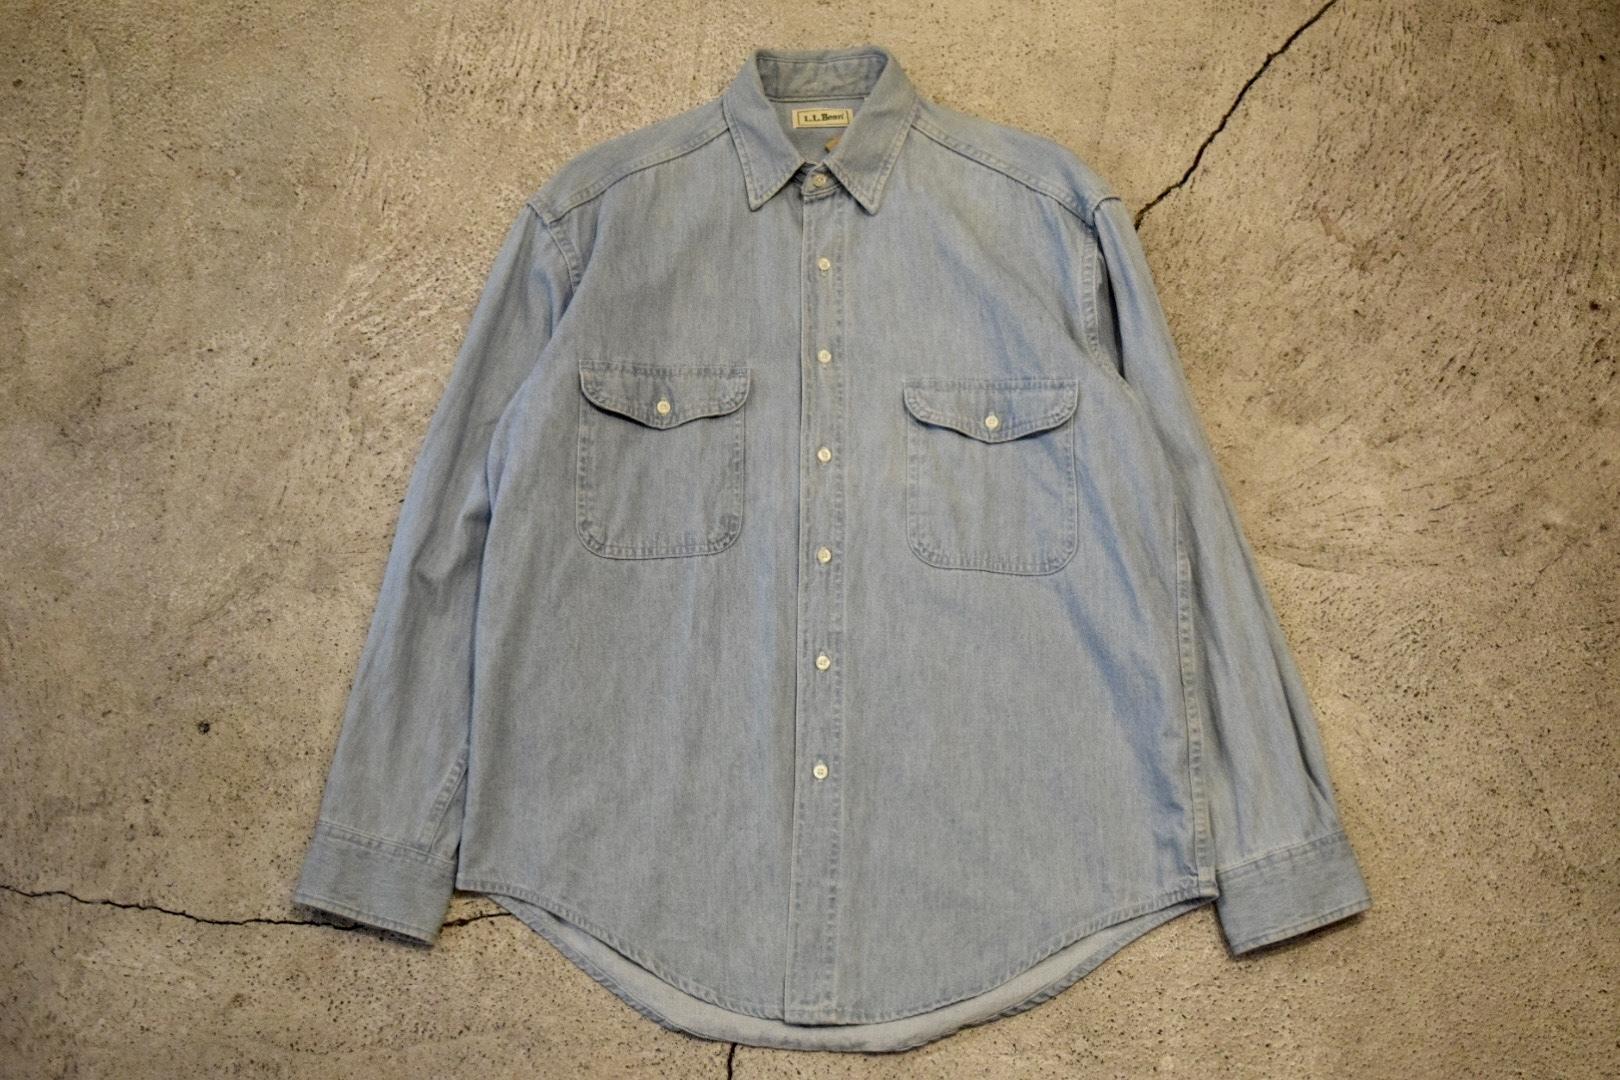 USED 90s L.L.Bean L/S Washed Denim Shirt -Medium 0896